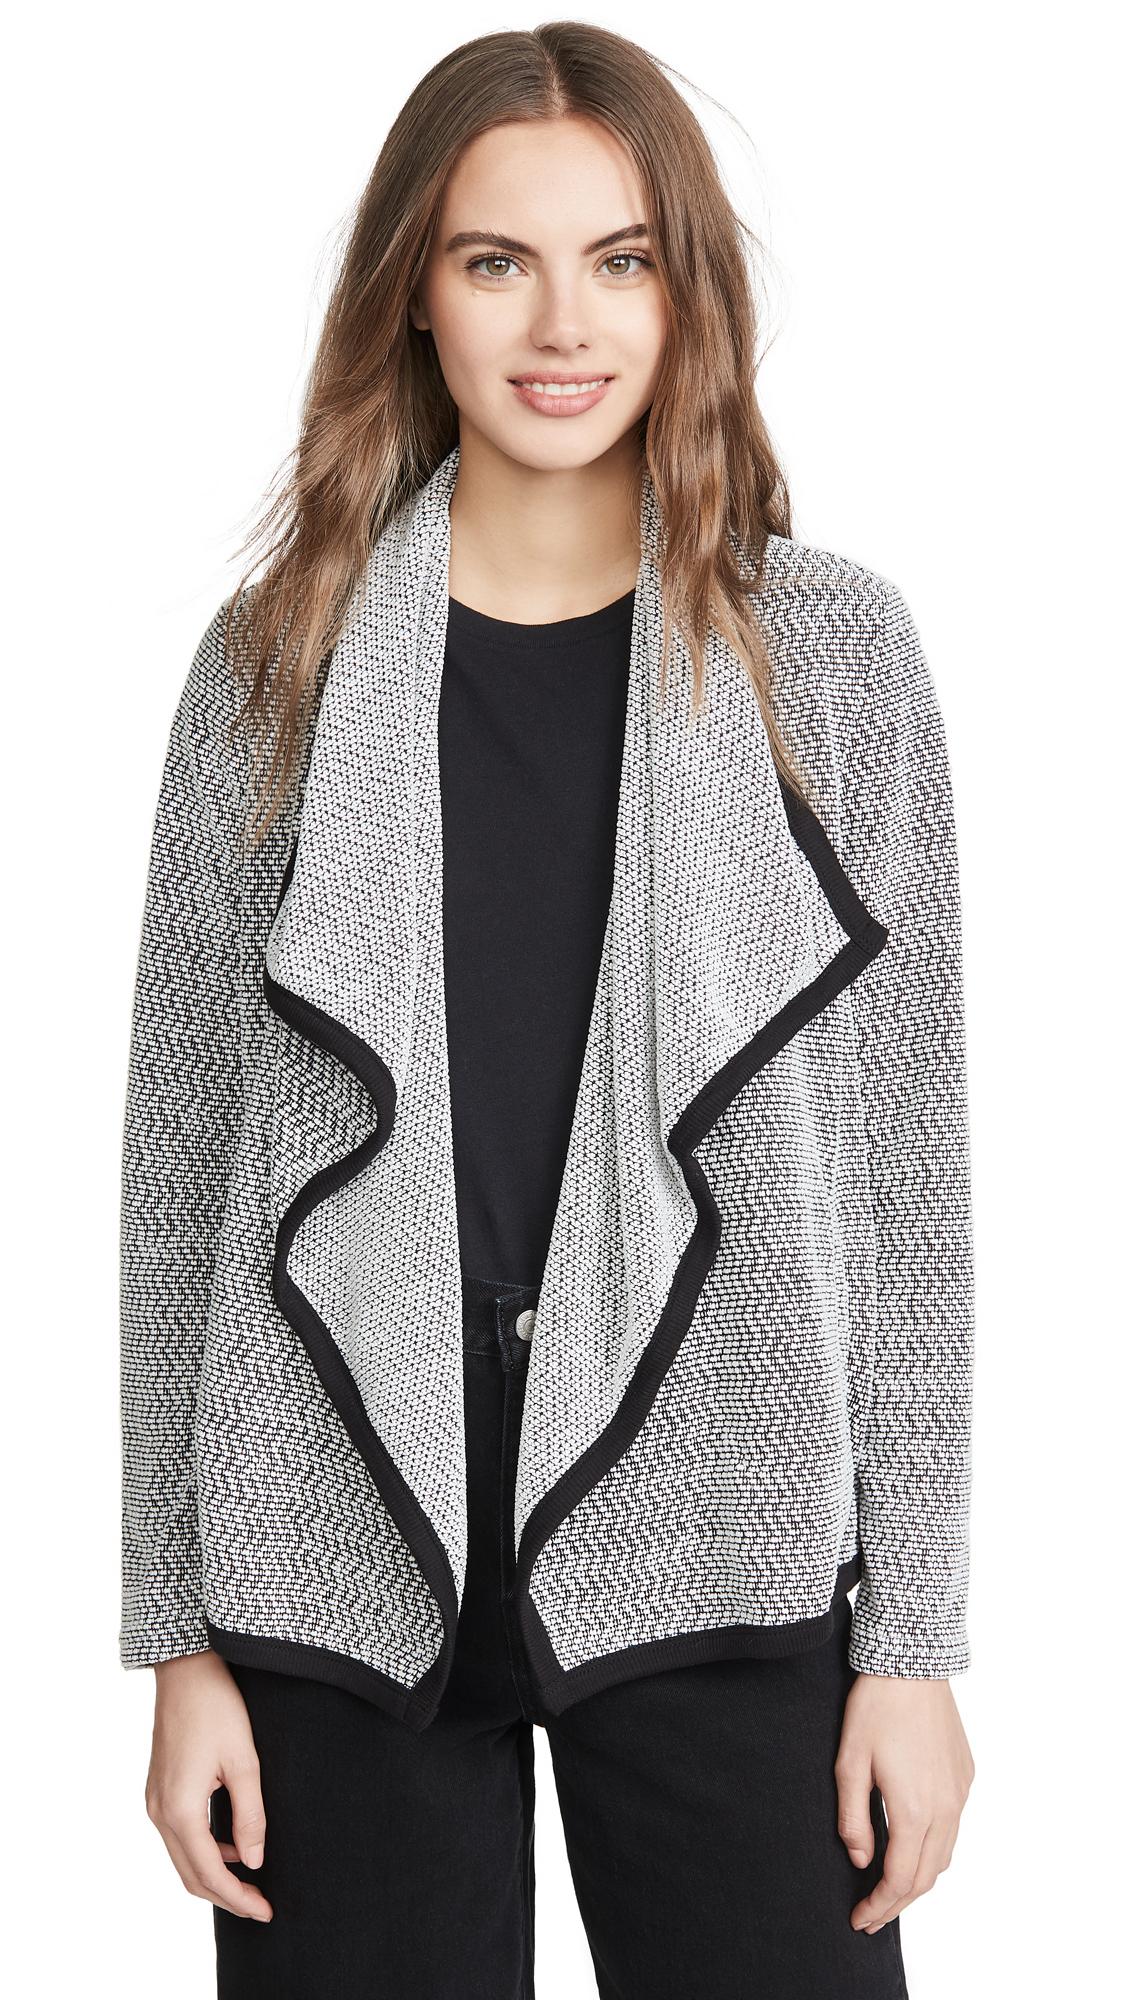 Buy BB Dakota Jack by BB Dakota Good Jacket online beautiful BB Dakota Jackets, Coats, Coats